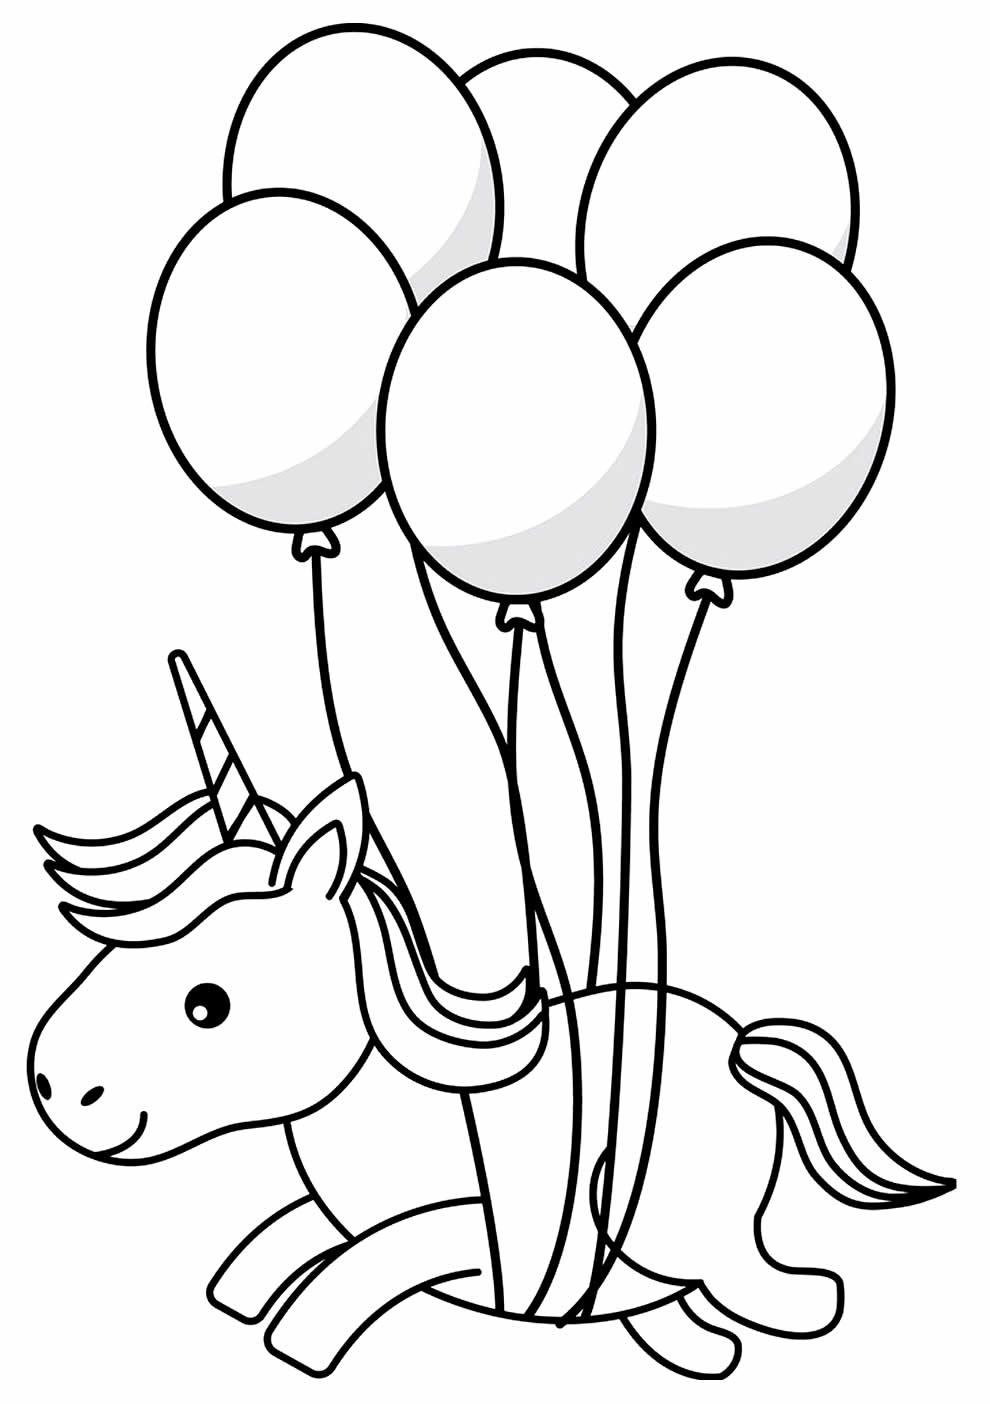 Desenho de unicórnio e balões